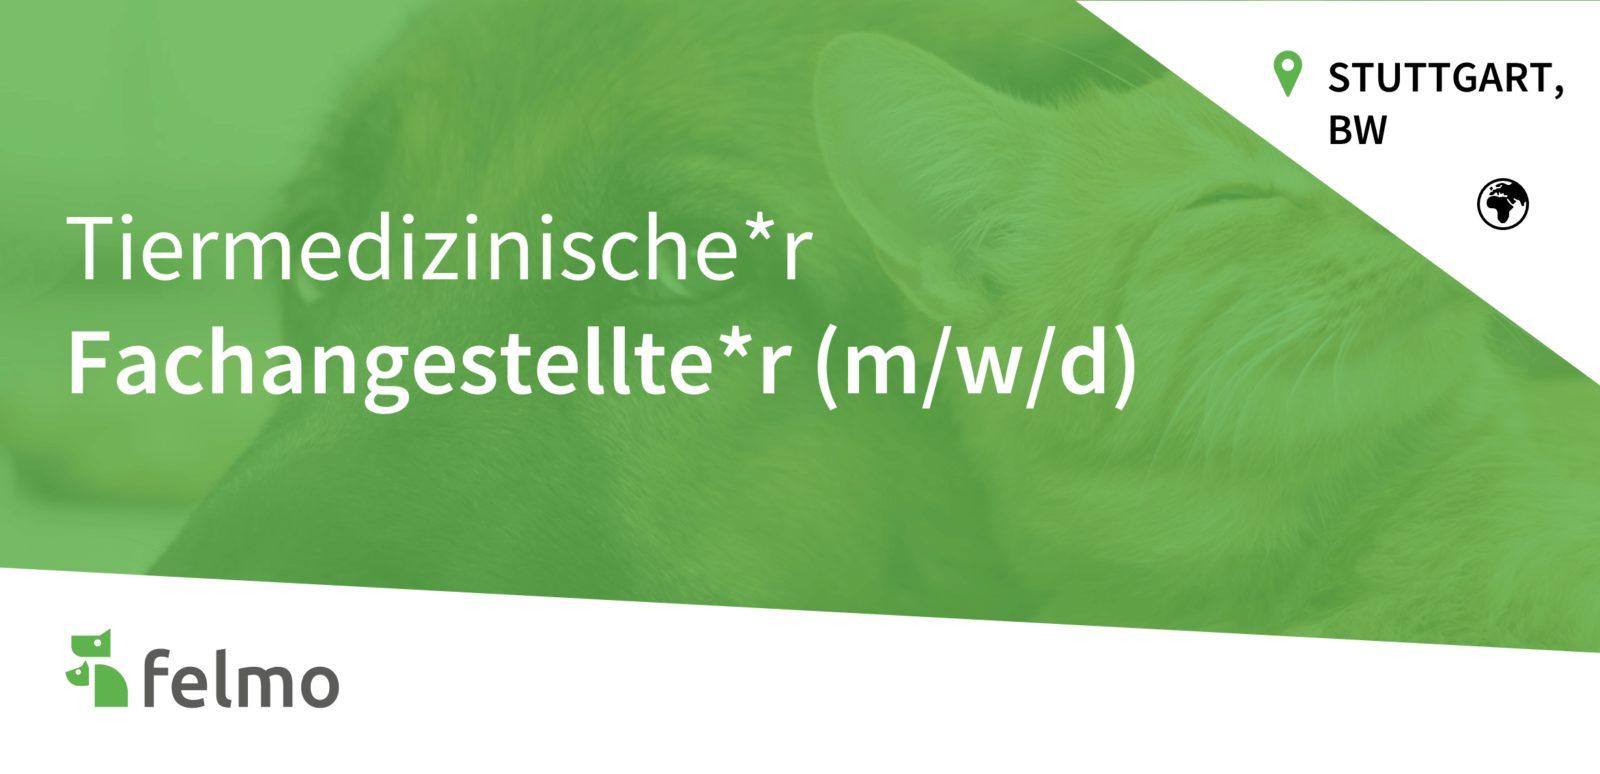 felmo GmbH - TFA (m/w/d) in Stuttgart gesucht